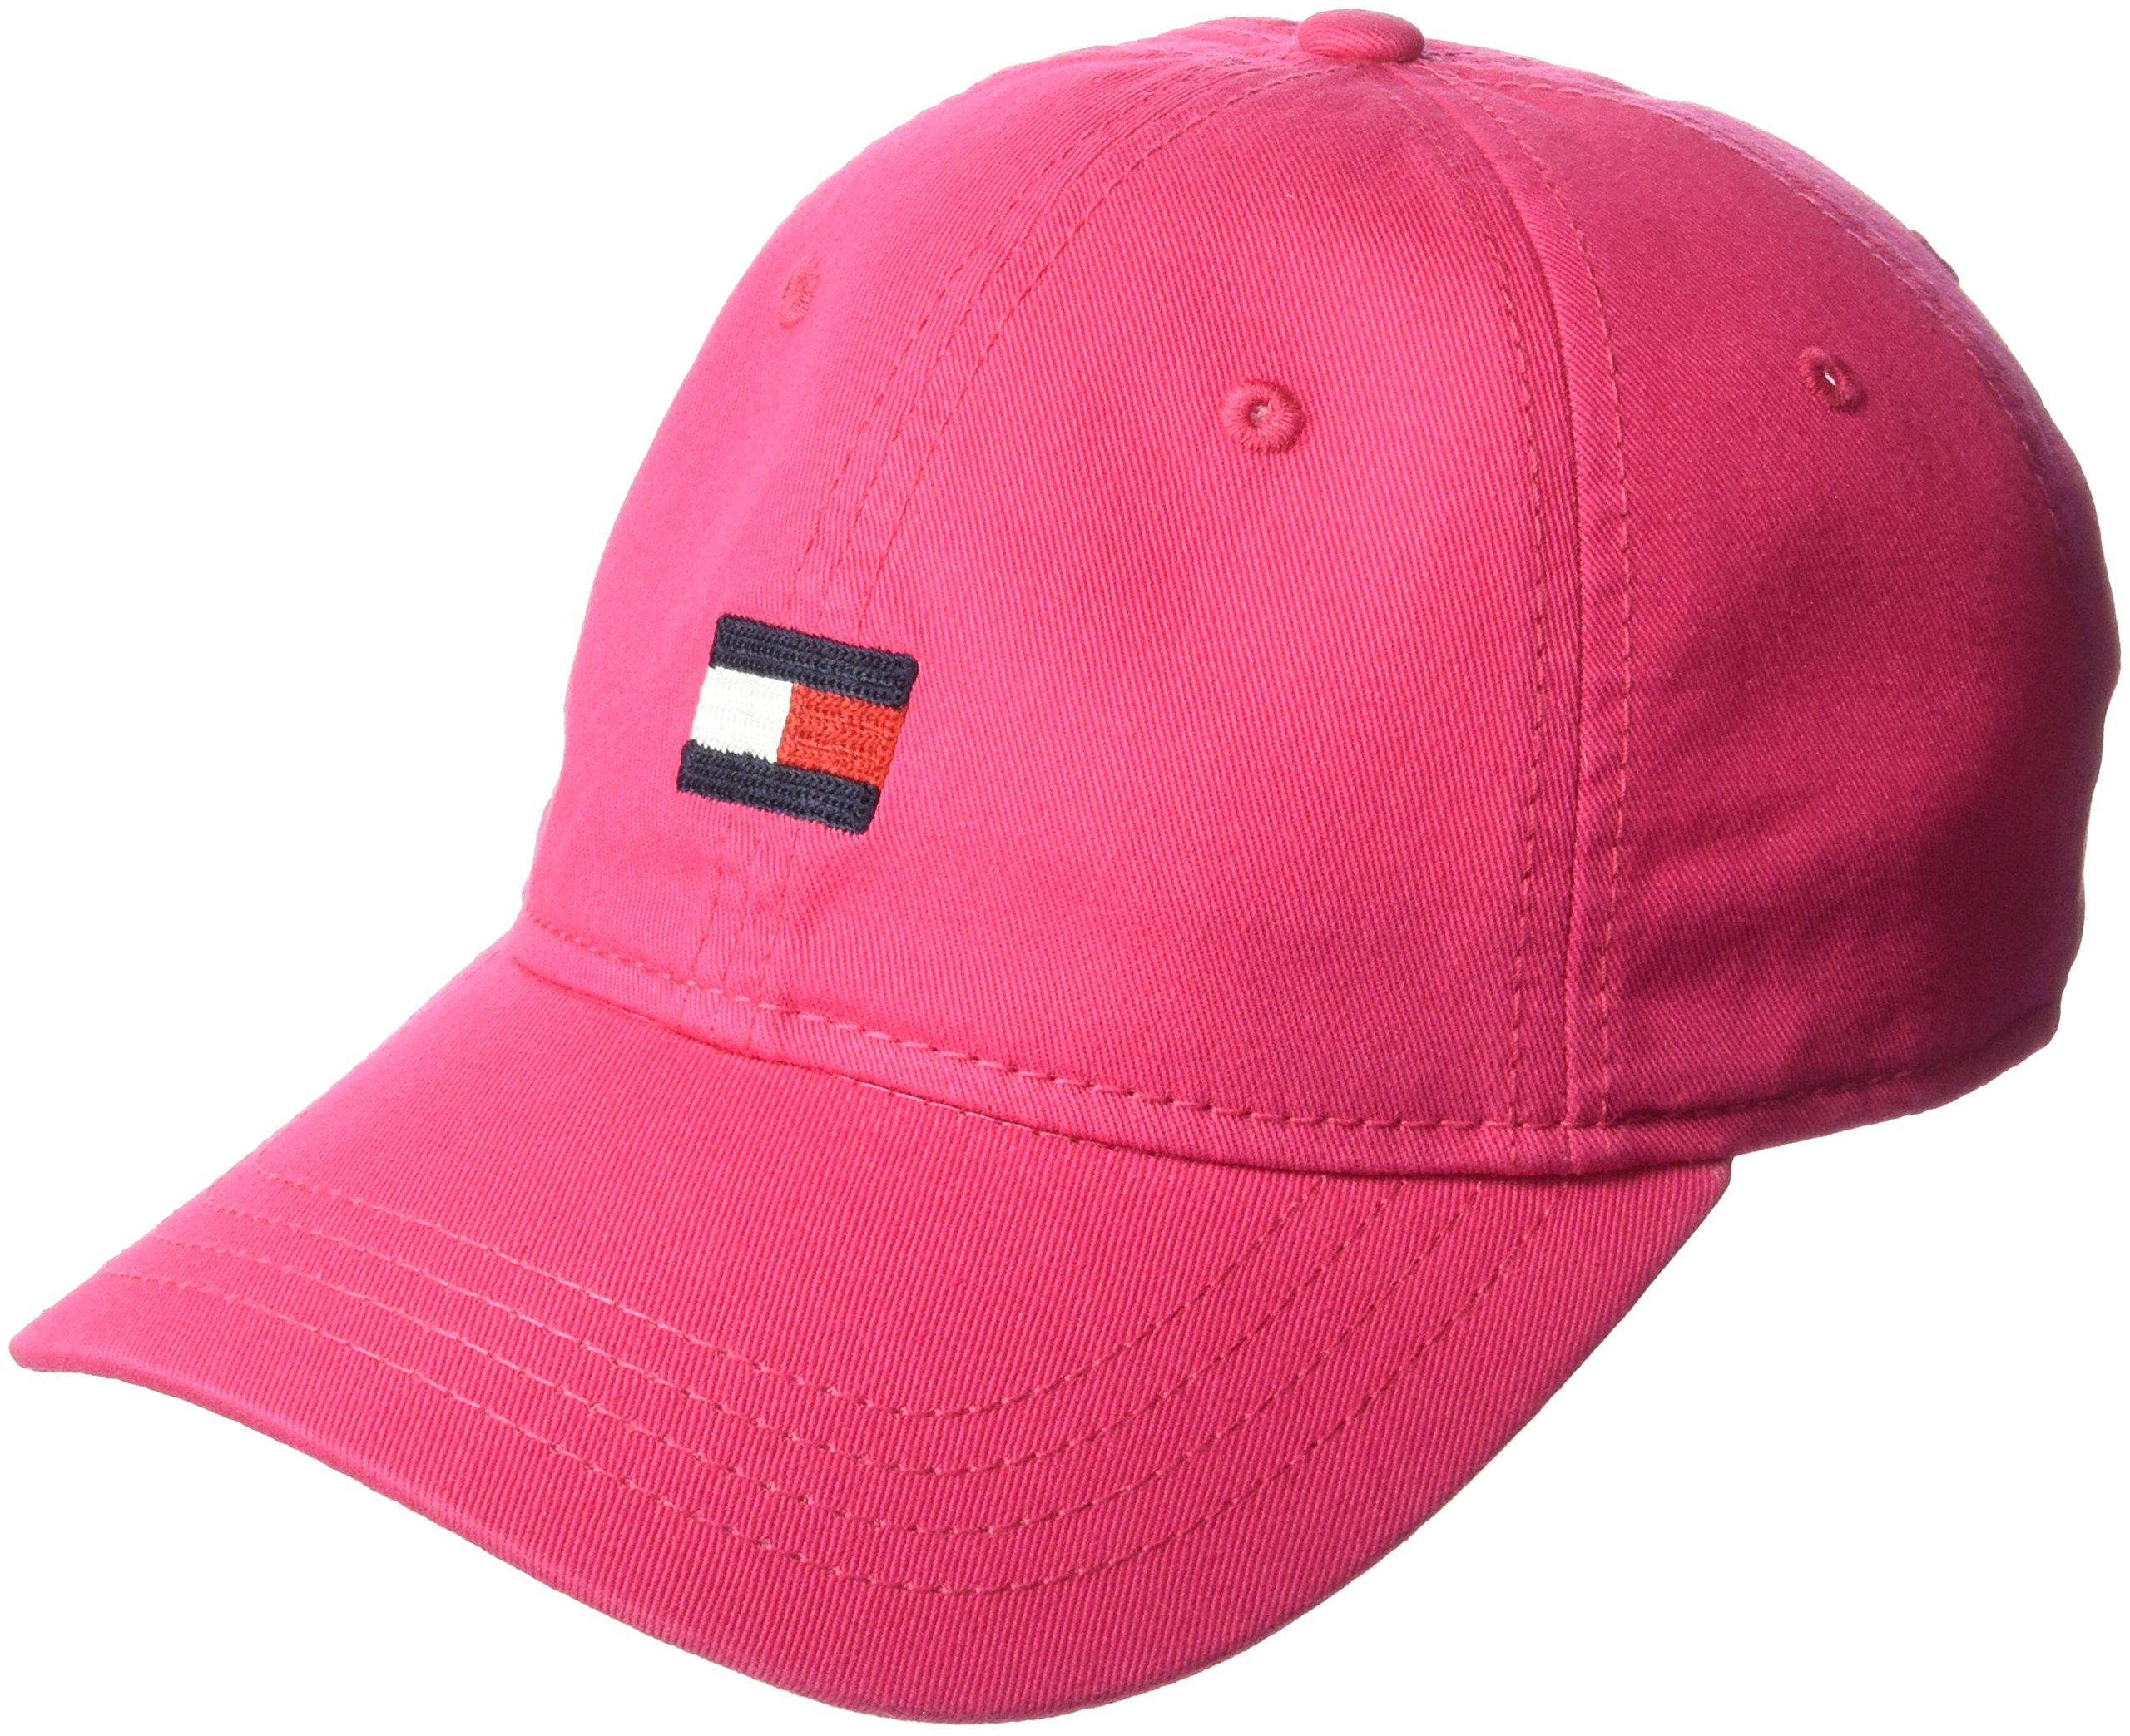 Tommy Hilfiger Men's Ardin Dad Hat, Petunia Pink, One Size